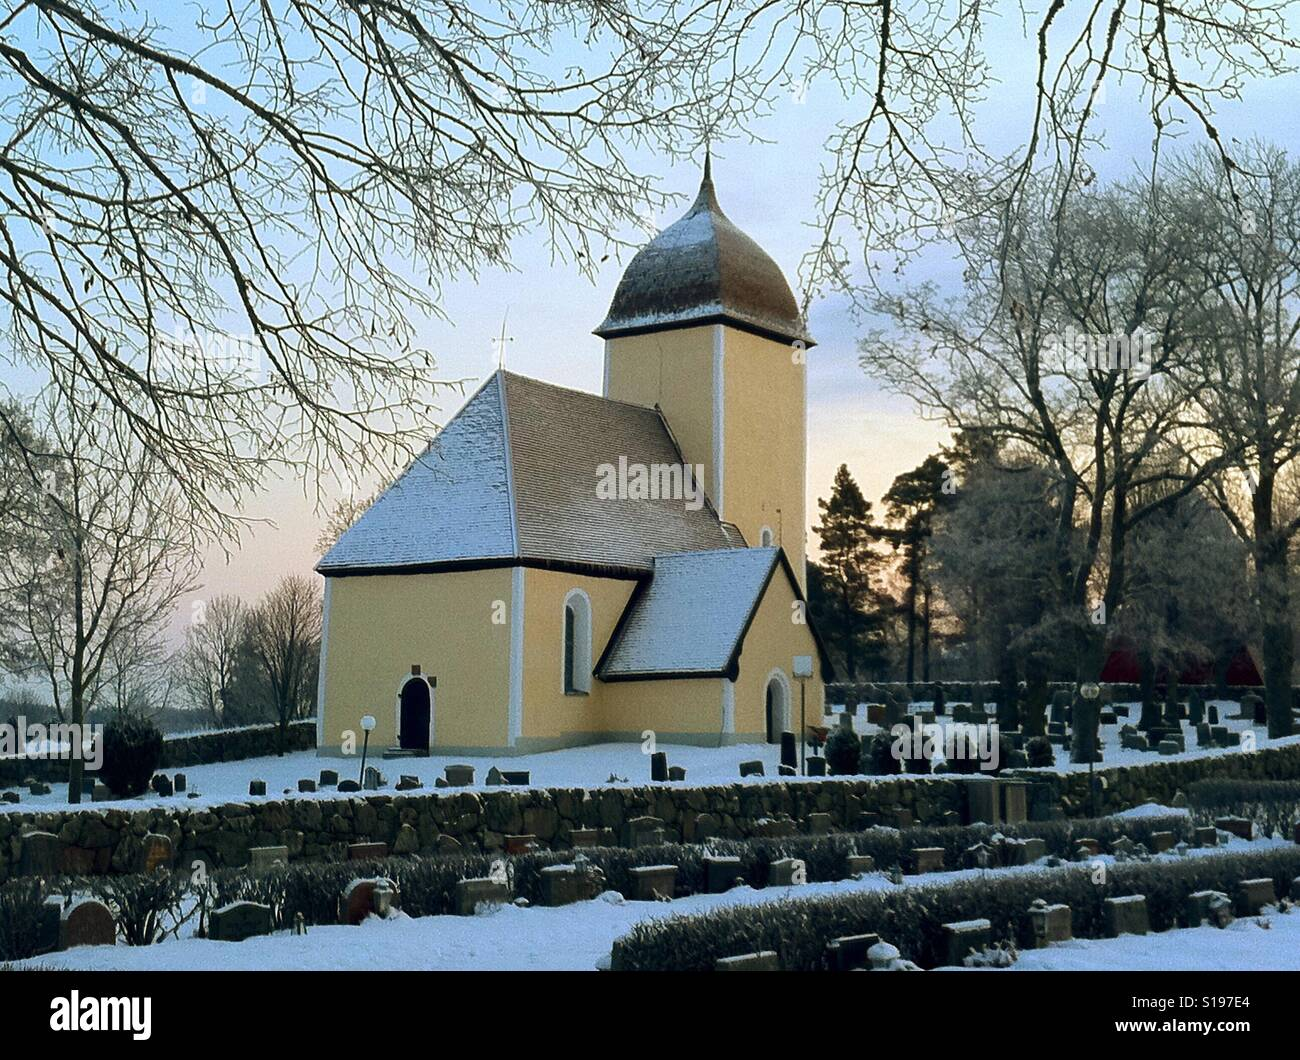 Husby-Ärlinghundra à l'extérieur de l'église d'Arlanda, Suède. Banque D'Images